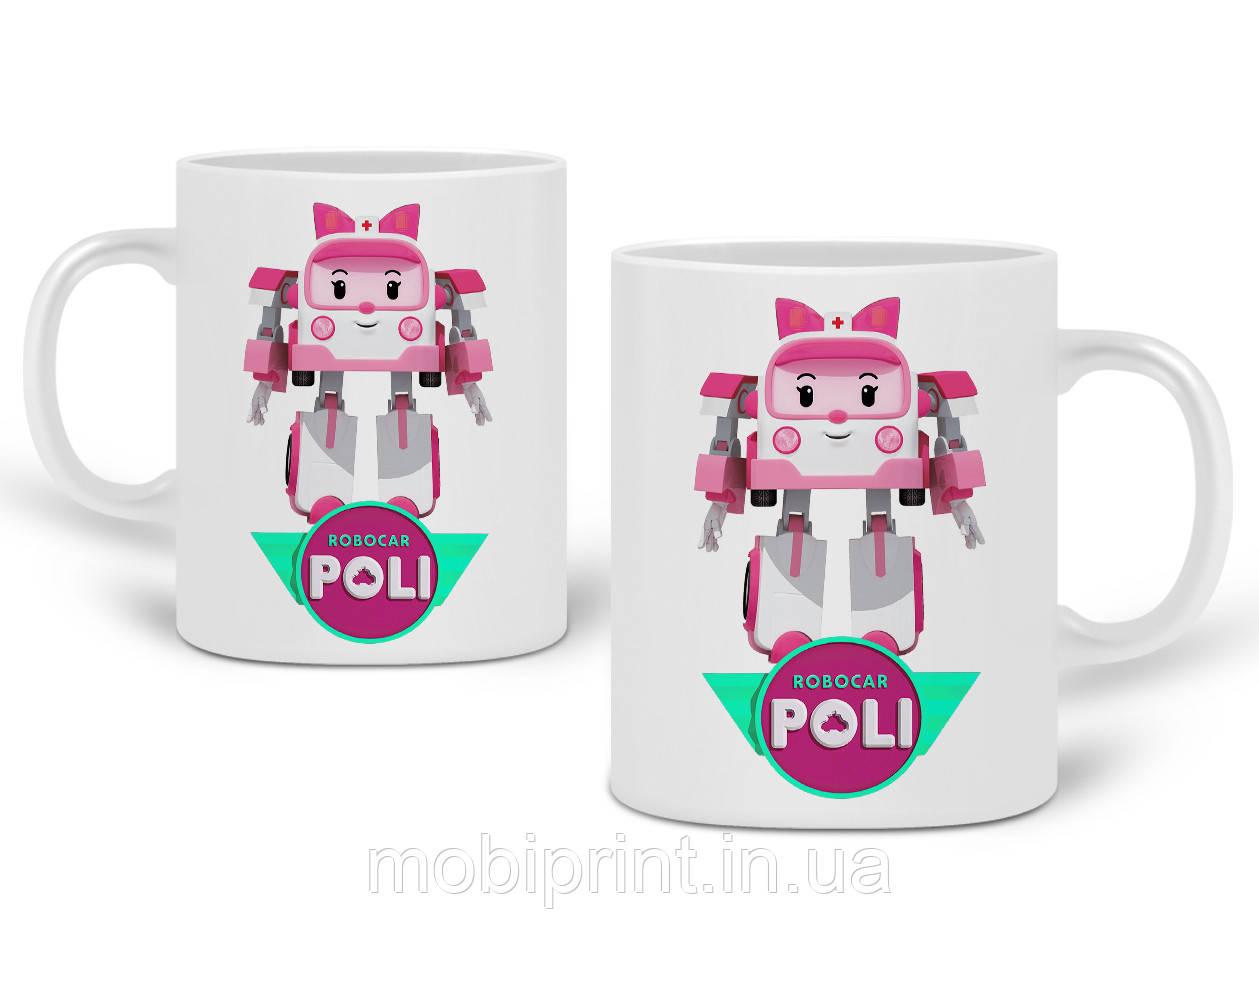 Кружка Робокар Поли (Robocar Poli) 330 мл Чашка Керамическая (20259-1621)